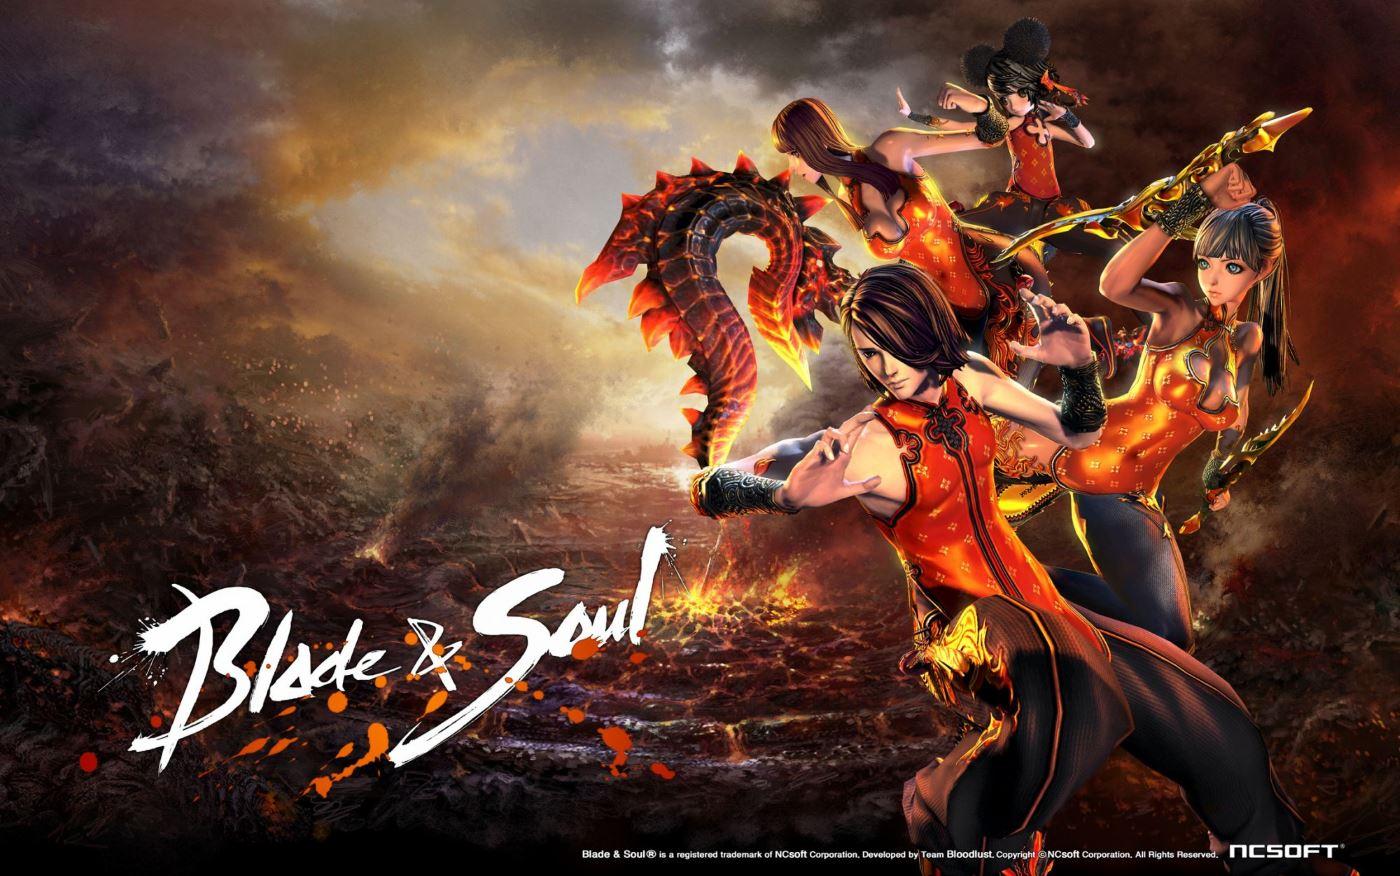 Das nächste MMO für Konsolen – Blade & Soul für PS4/Xbox One?